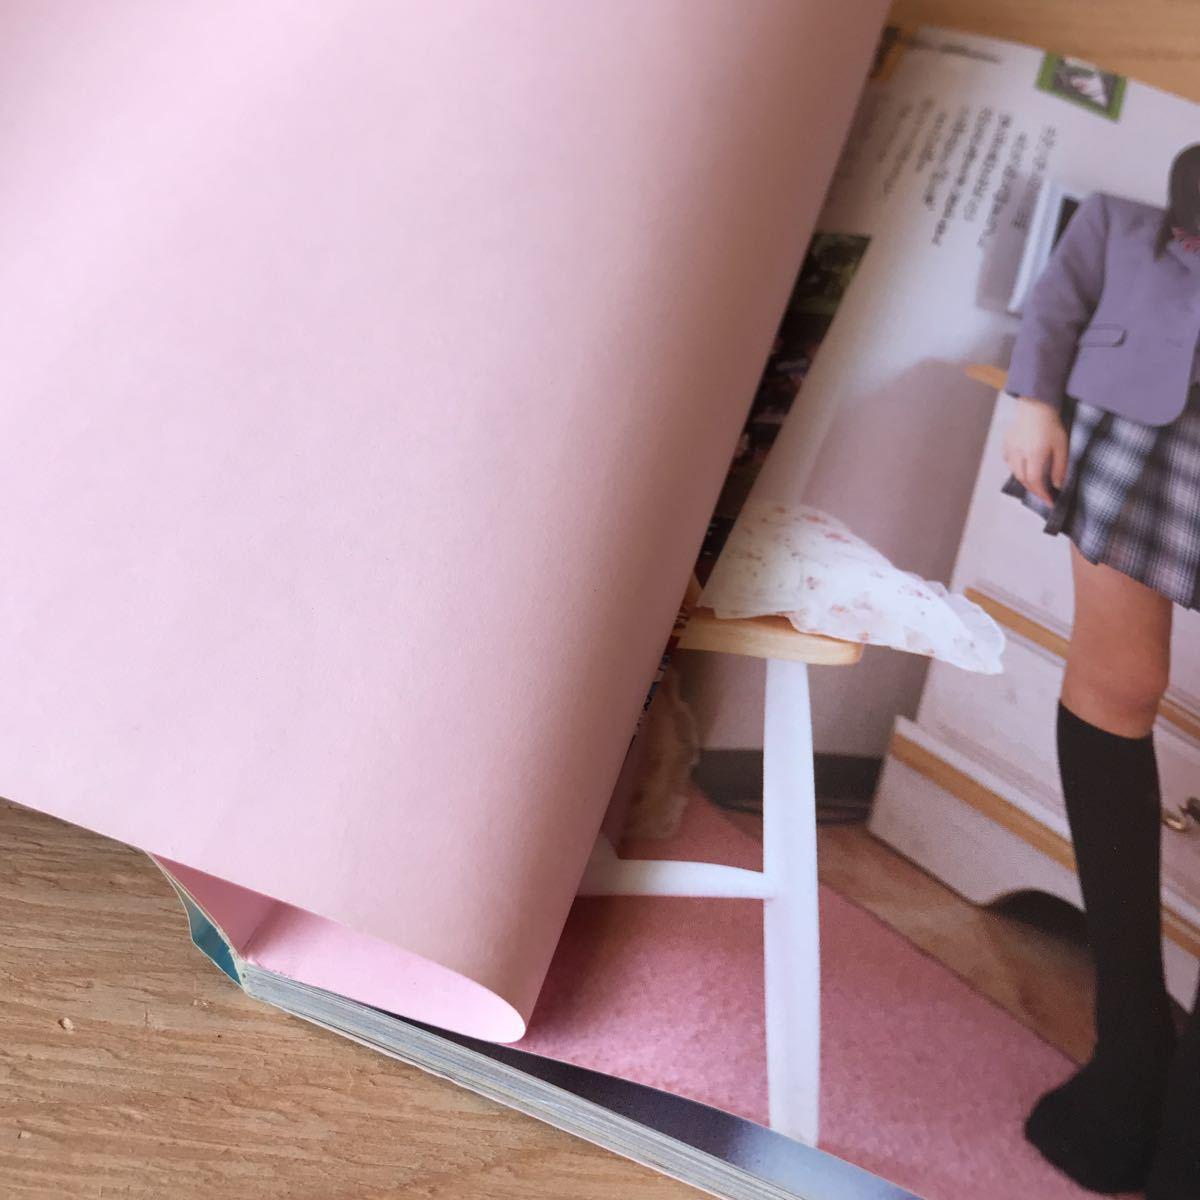 あD-190522 レア [しほの 涼 写真集 Ryo Season 卒業] _画像4